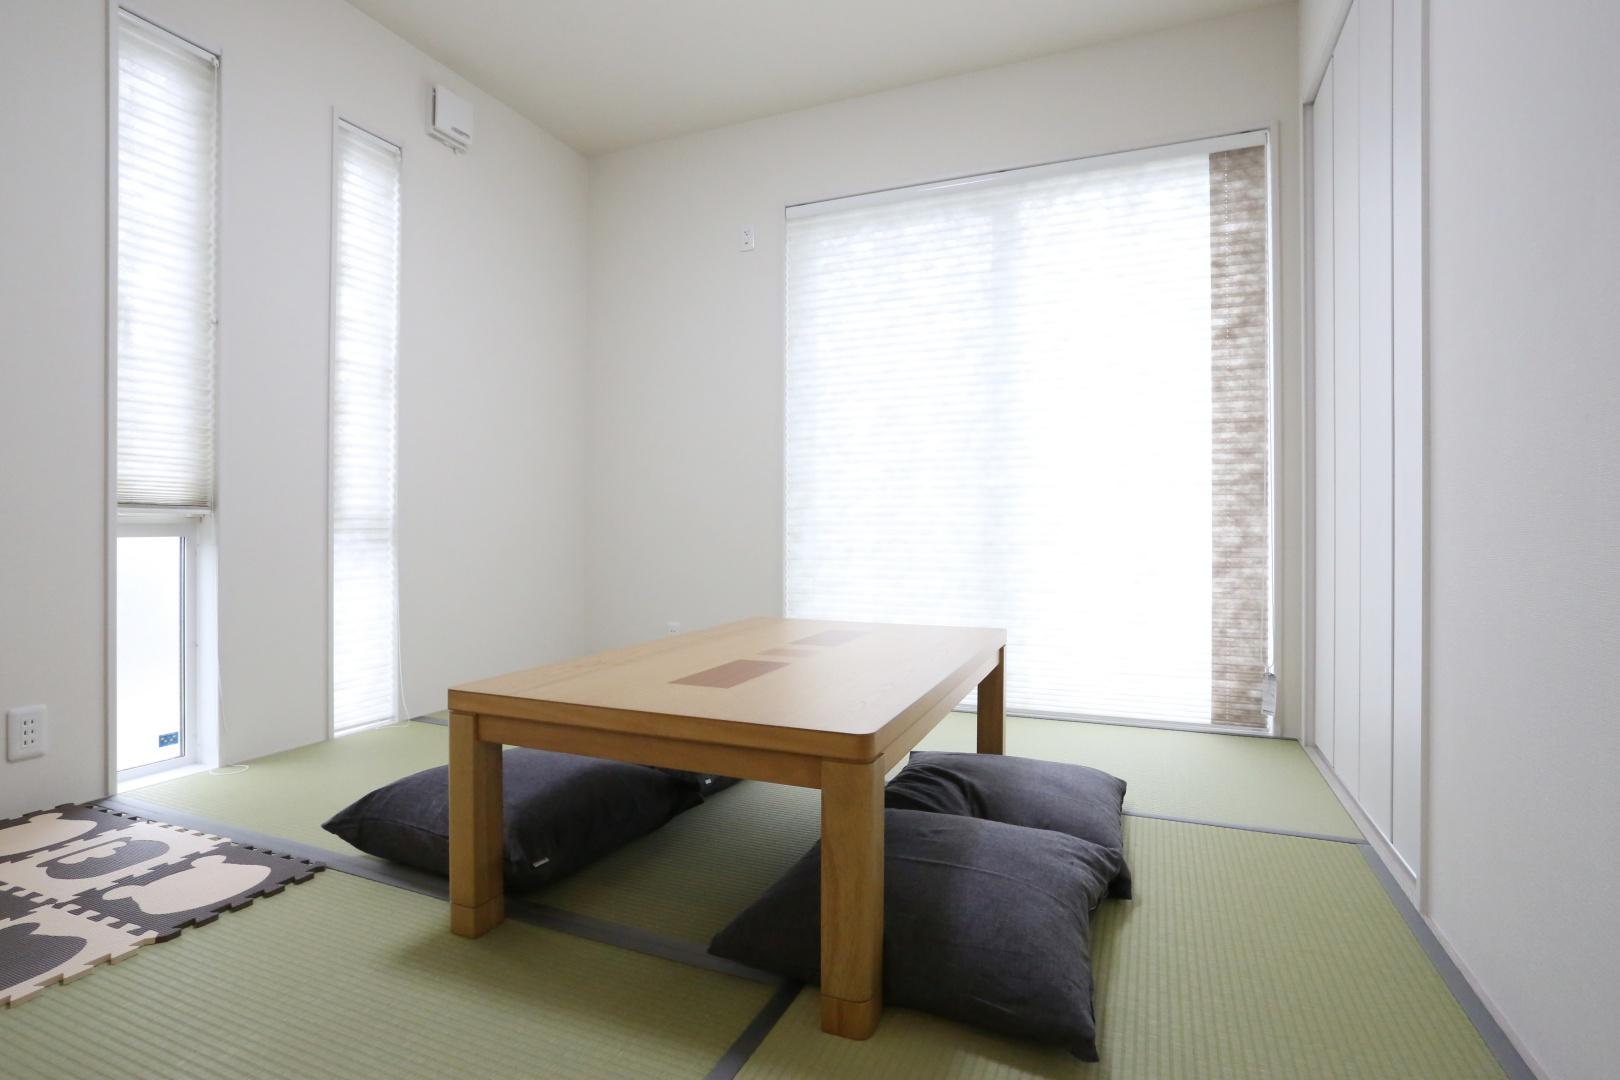 和室(5.4畳) 広めの収納には来客用の布団も余裕で収納できます。